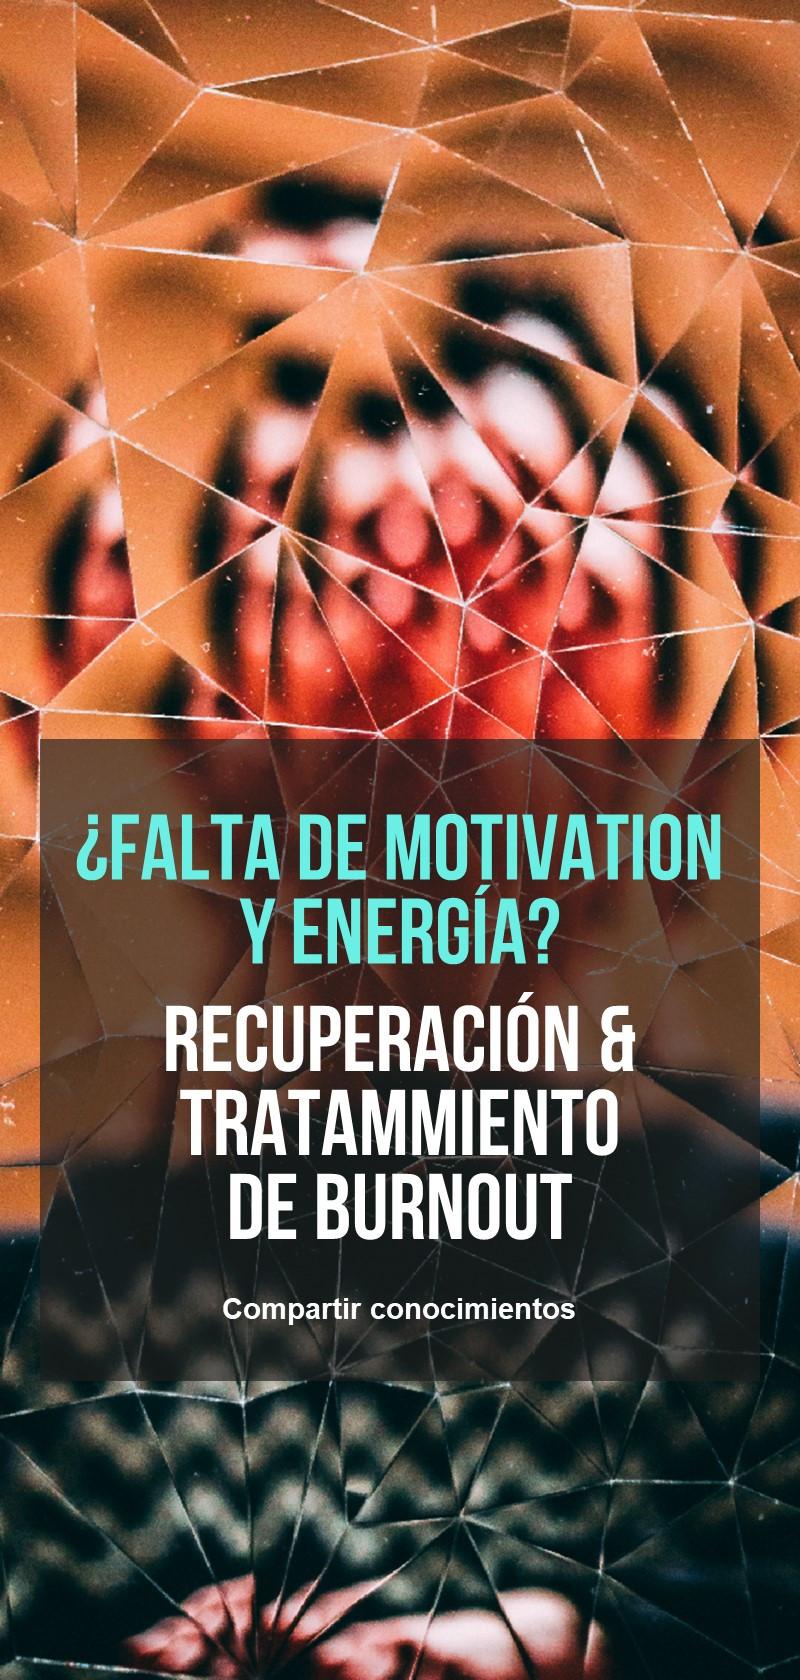 Recuperación & tratamiento Burnout